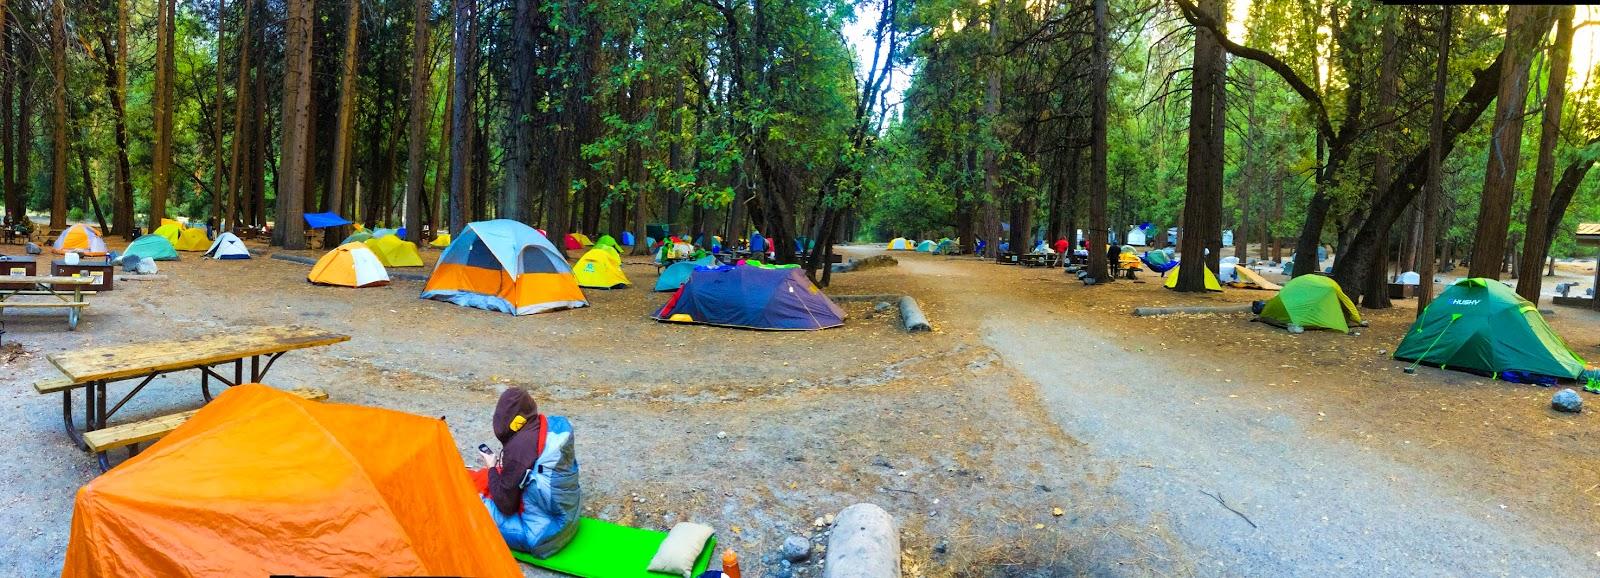 2014-Yosemite-59.jpg